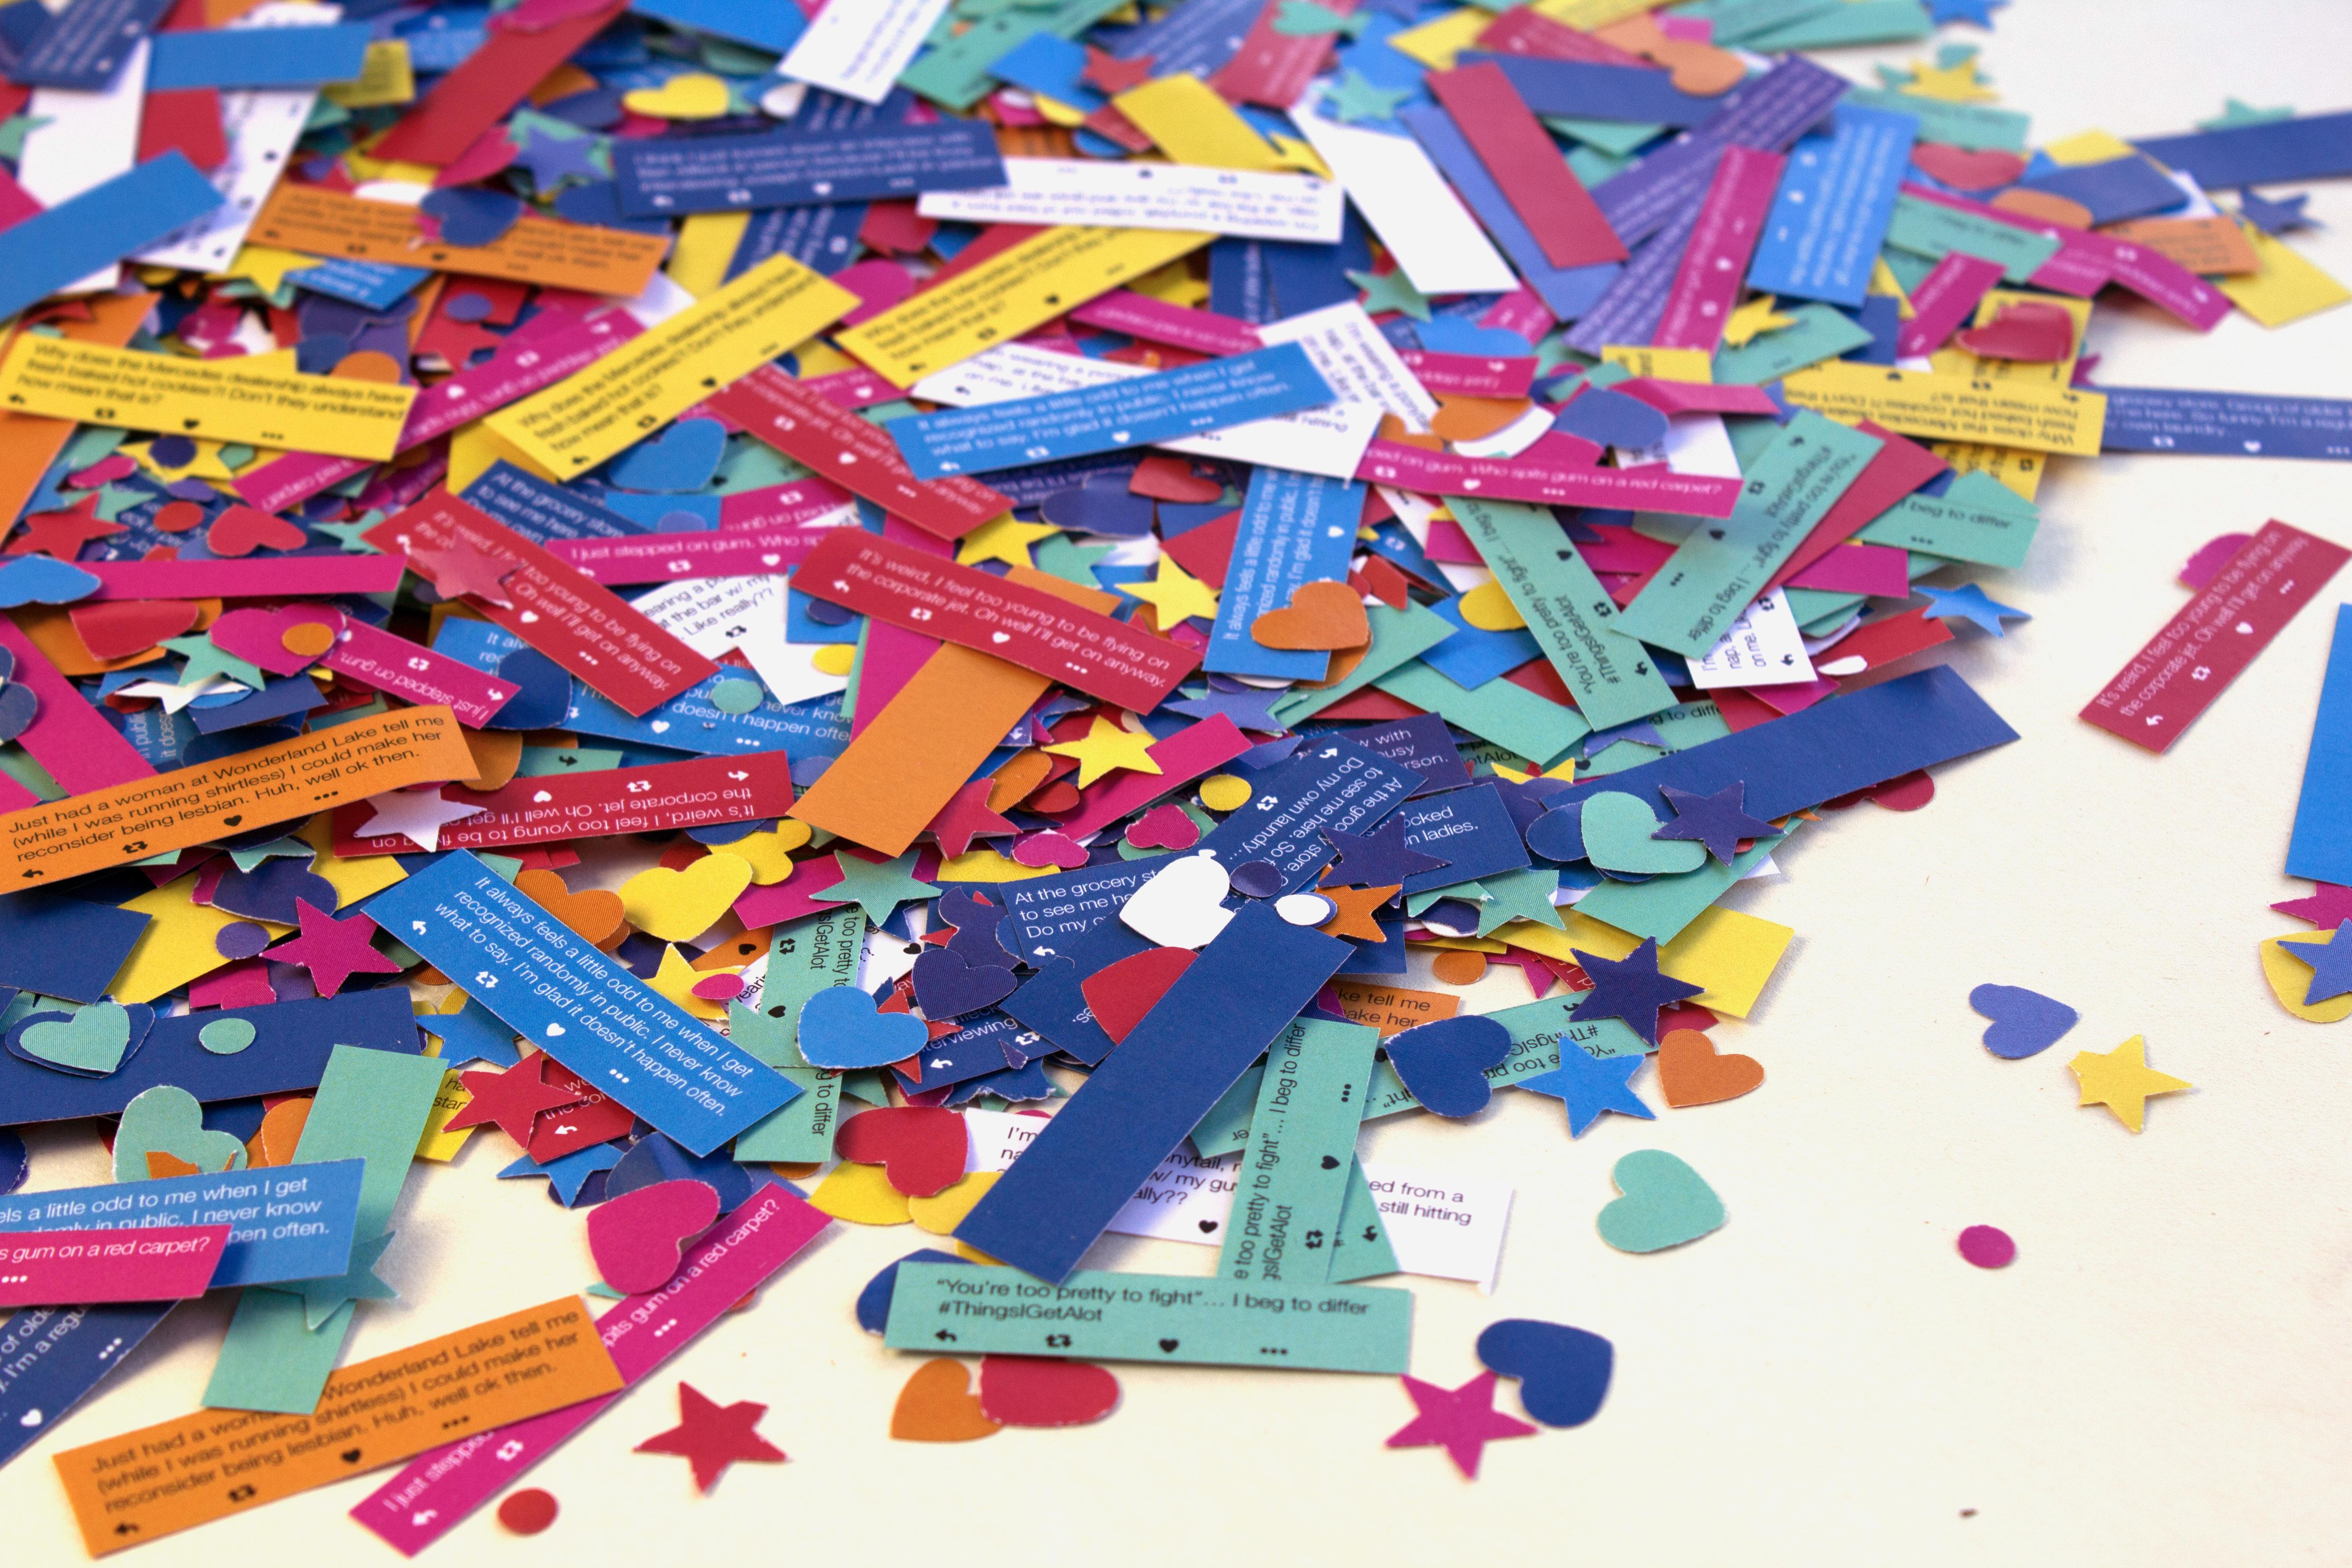 #HumbleBrag Confetti